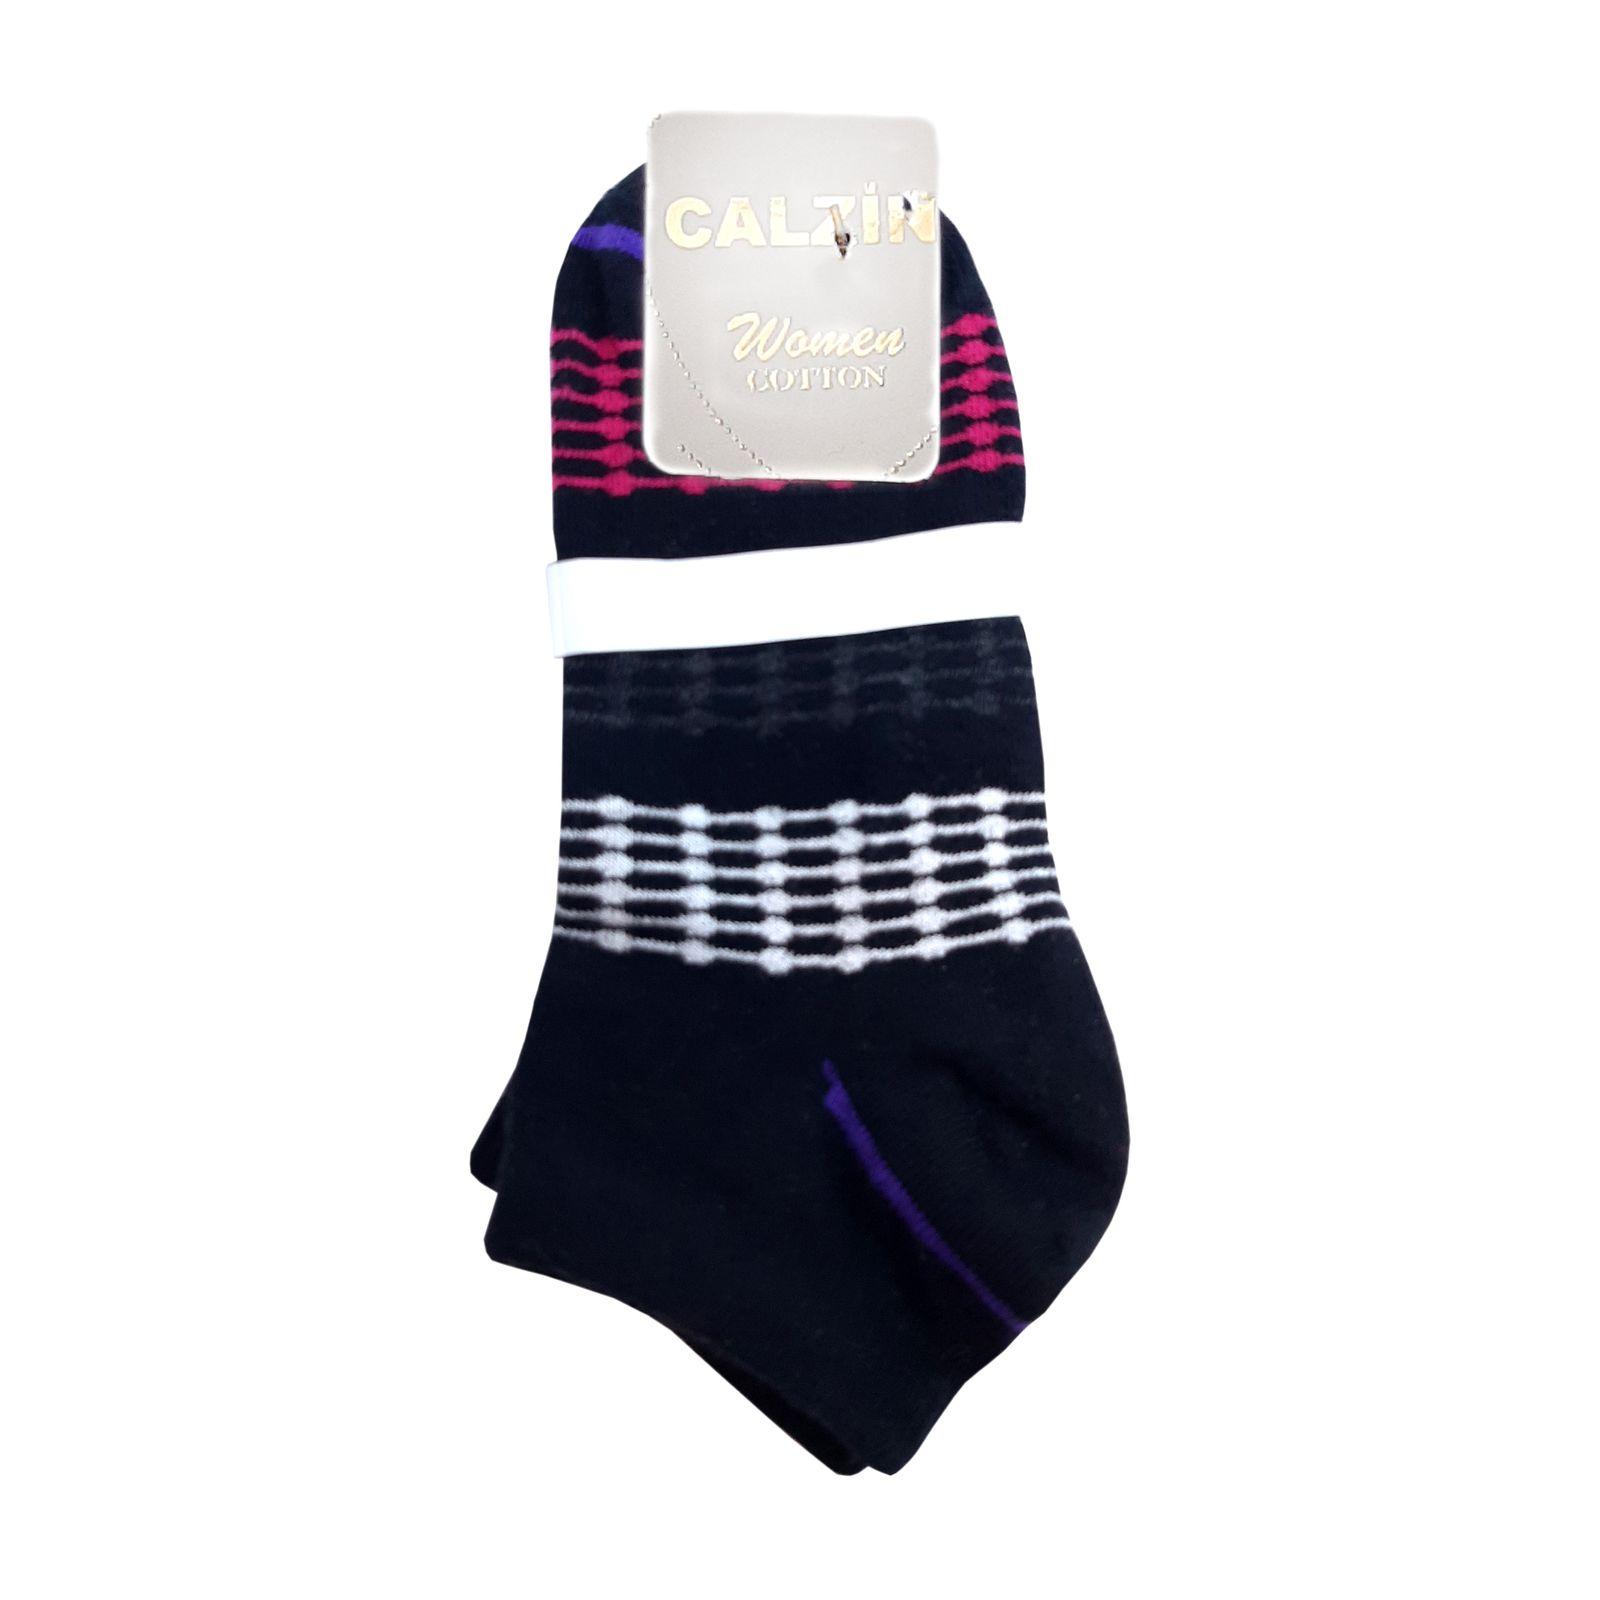 جوراب زنانه کالزینی مدل آر کد 143 -  - 2